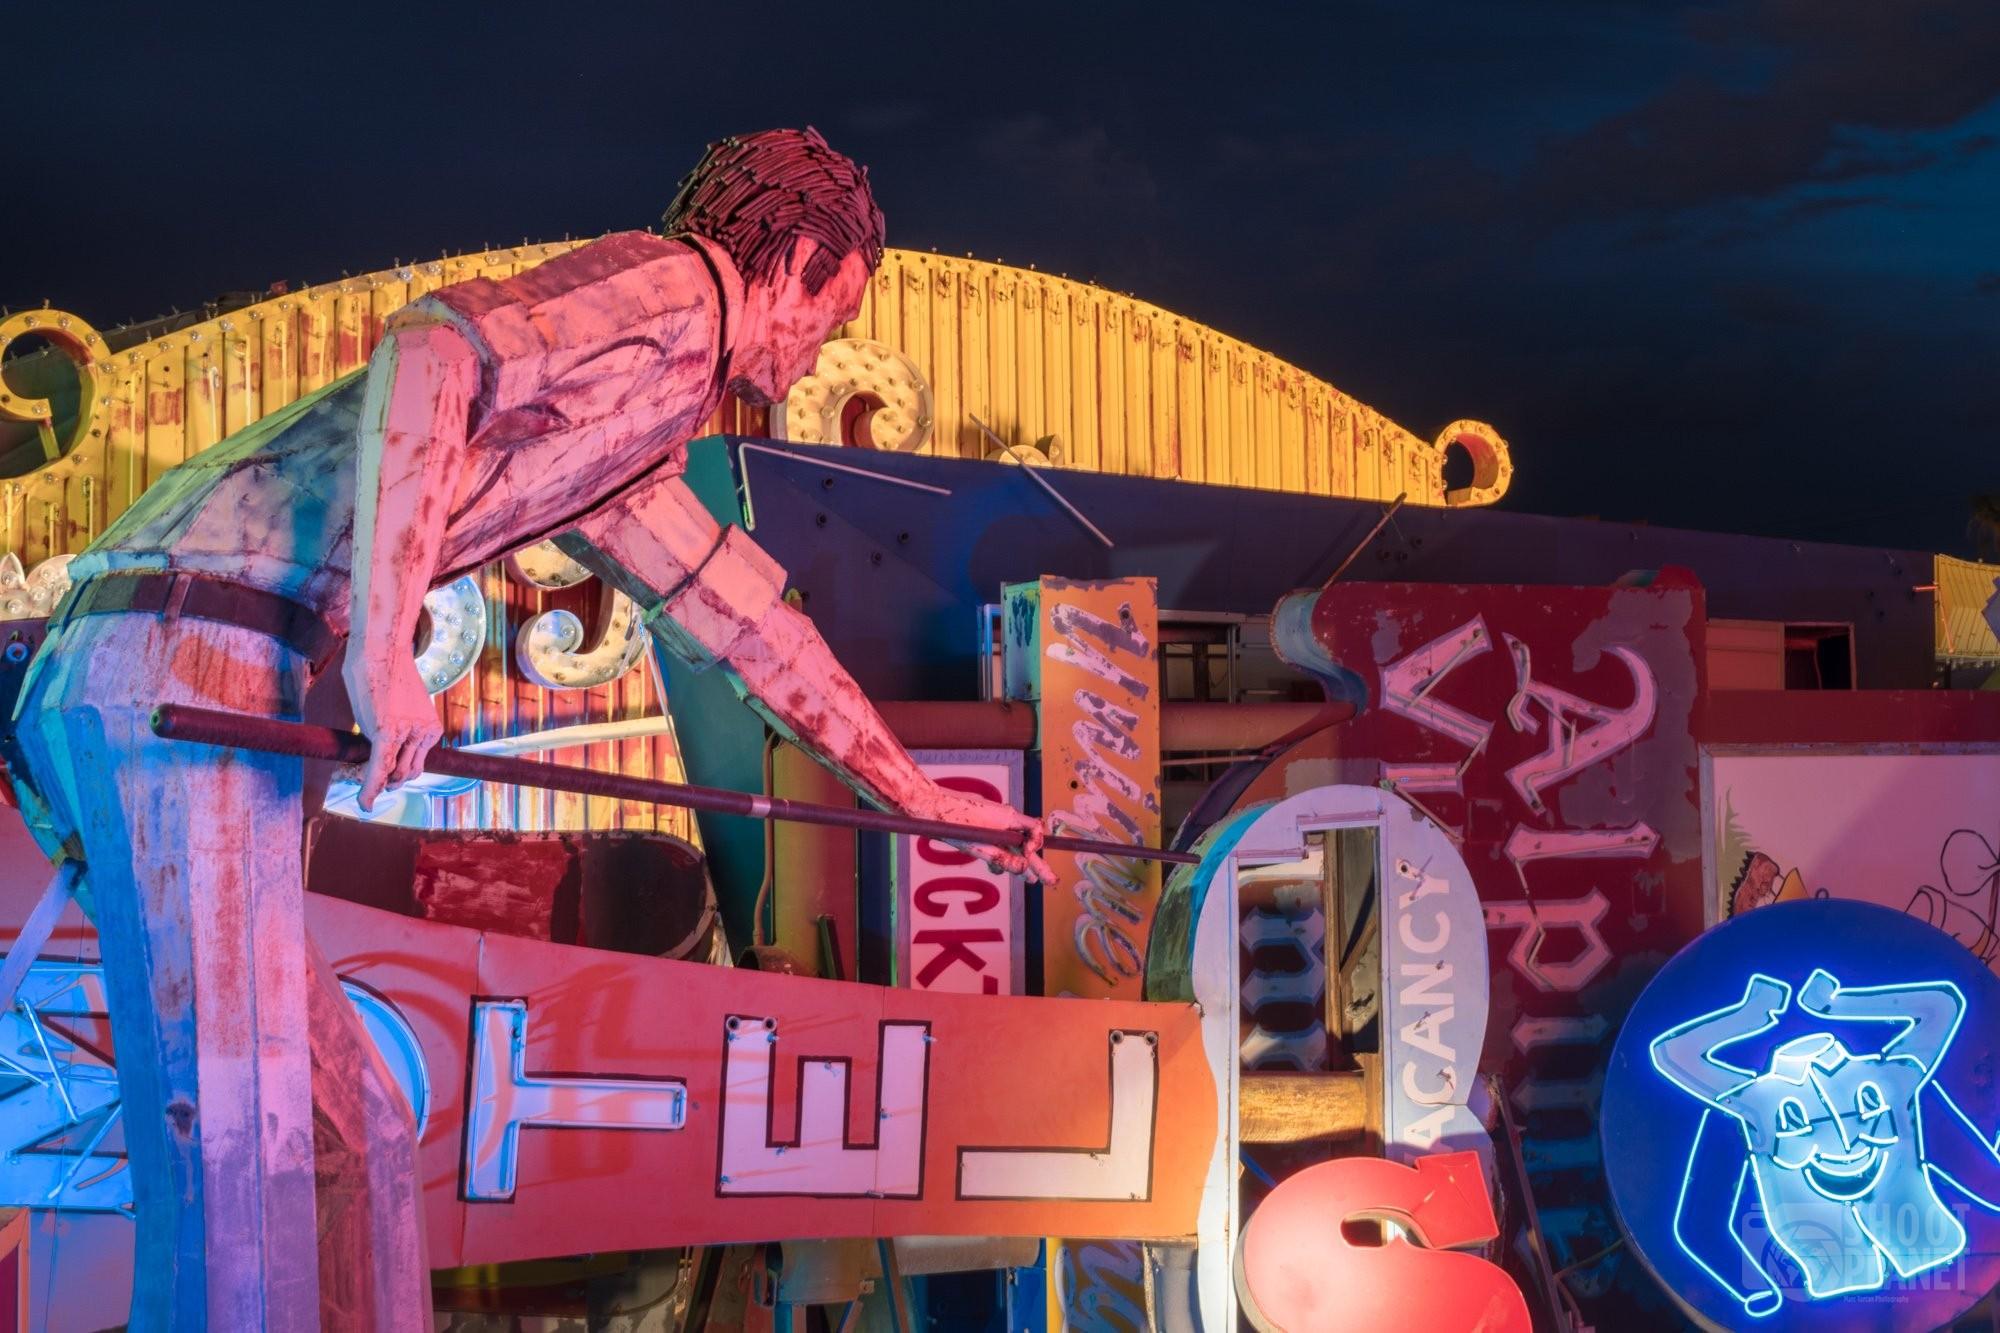 Neon Museum boneyard of Las Vegas, USA